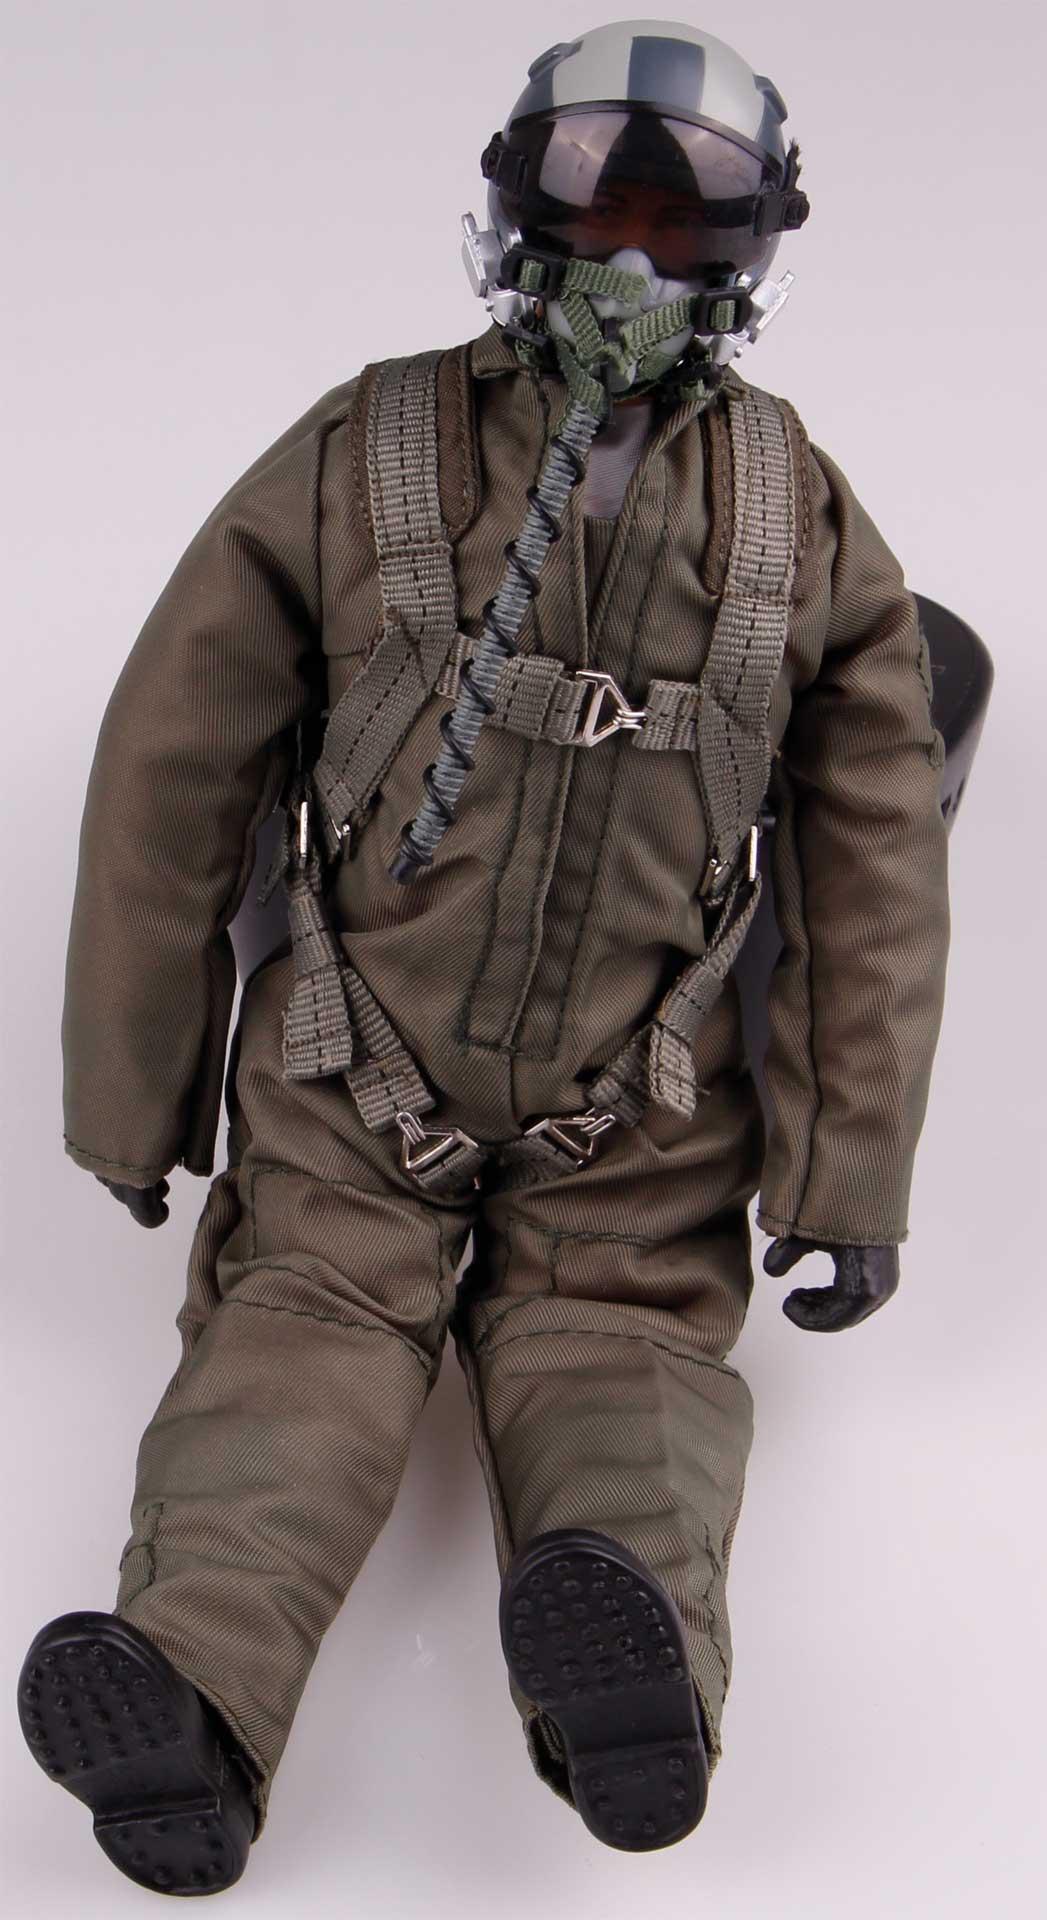 WARBIRD PILOTS Scale Pilot JET modern 1:7-1:8 mit Kopfansteuerung (HV Servo)